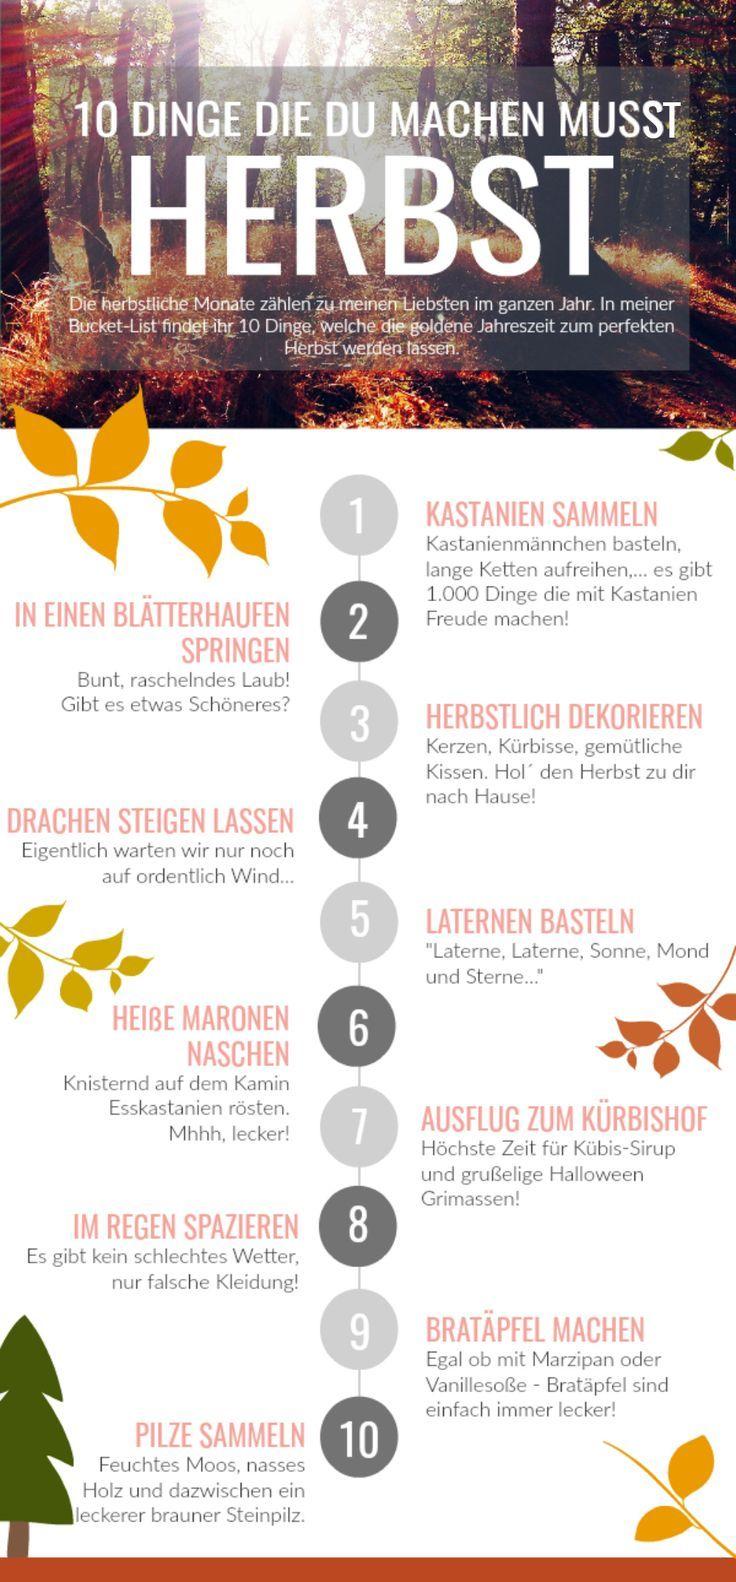 Herbst Bucket-List   10 Dinge, die du unbedingt machen musst!   Shades of Nature